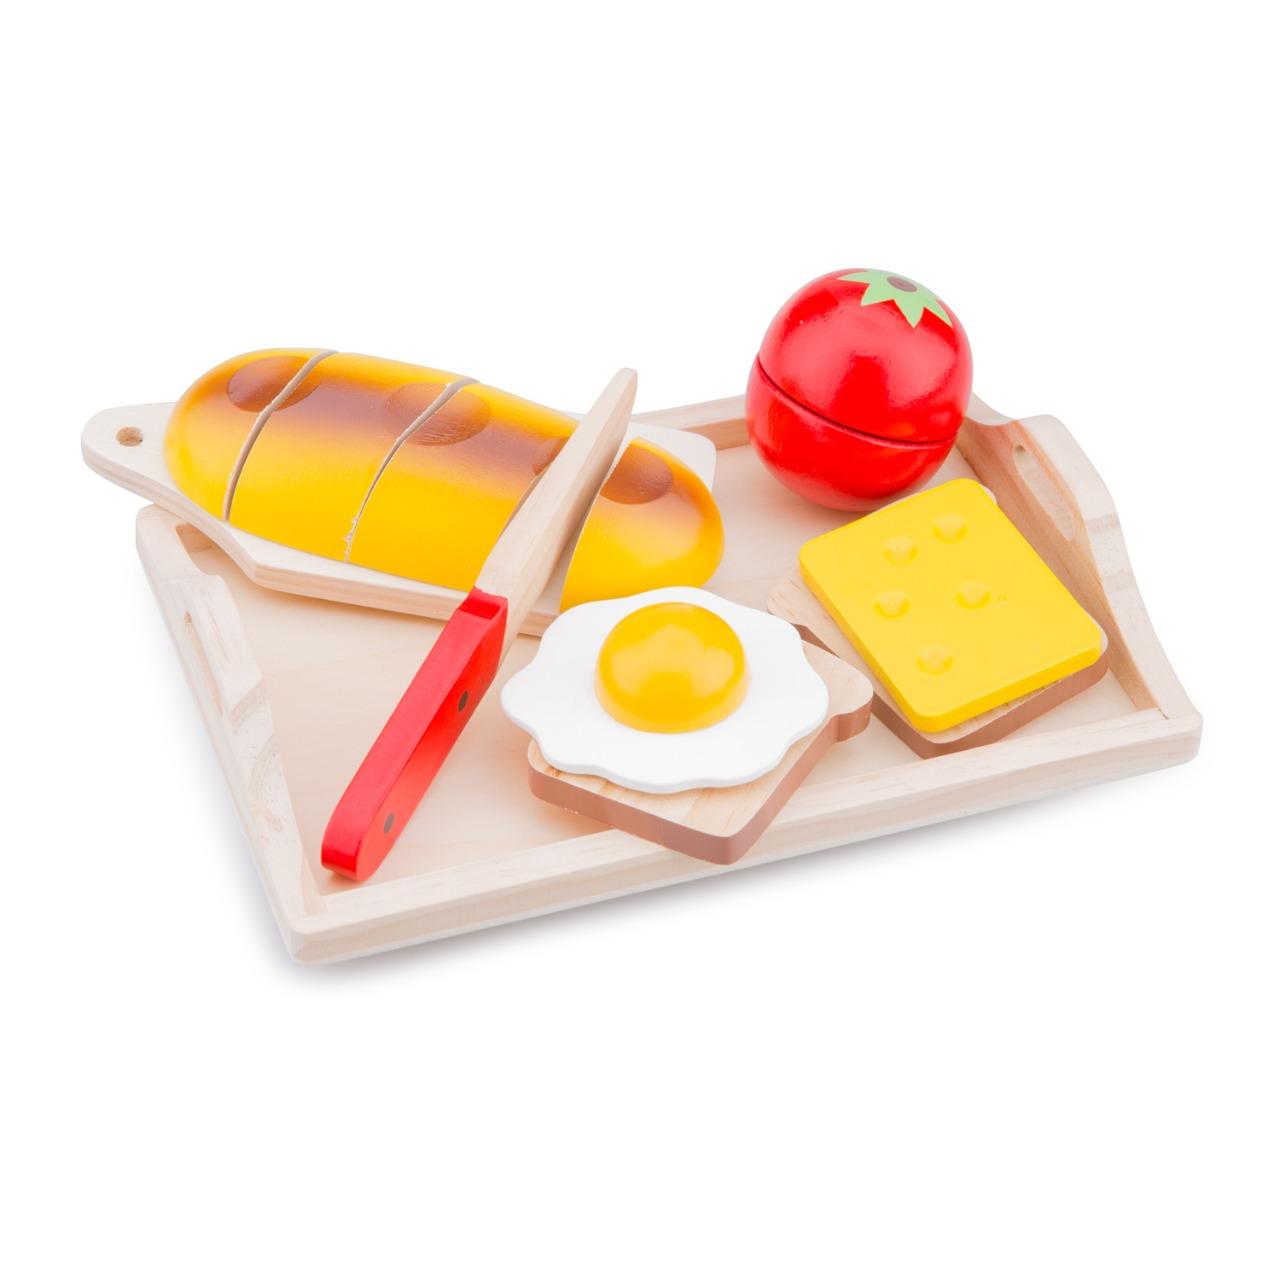 Набор продуктов New Classic Toys Завтрак на подносе 10582